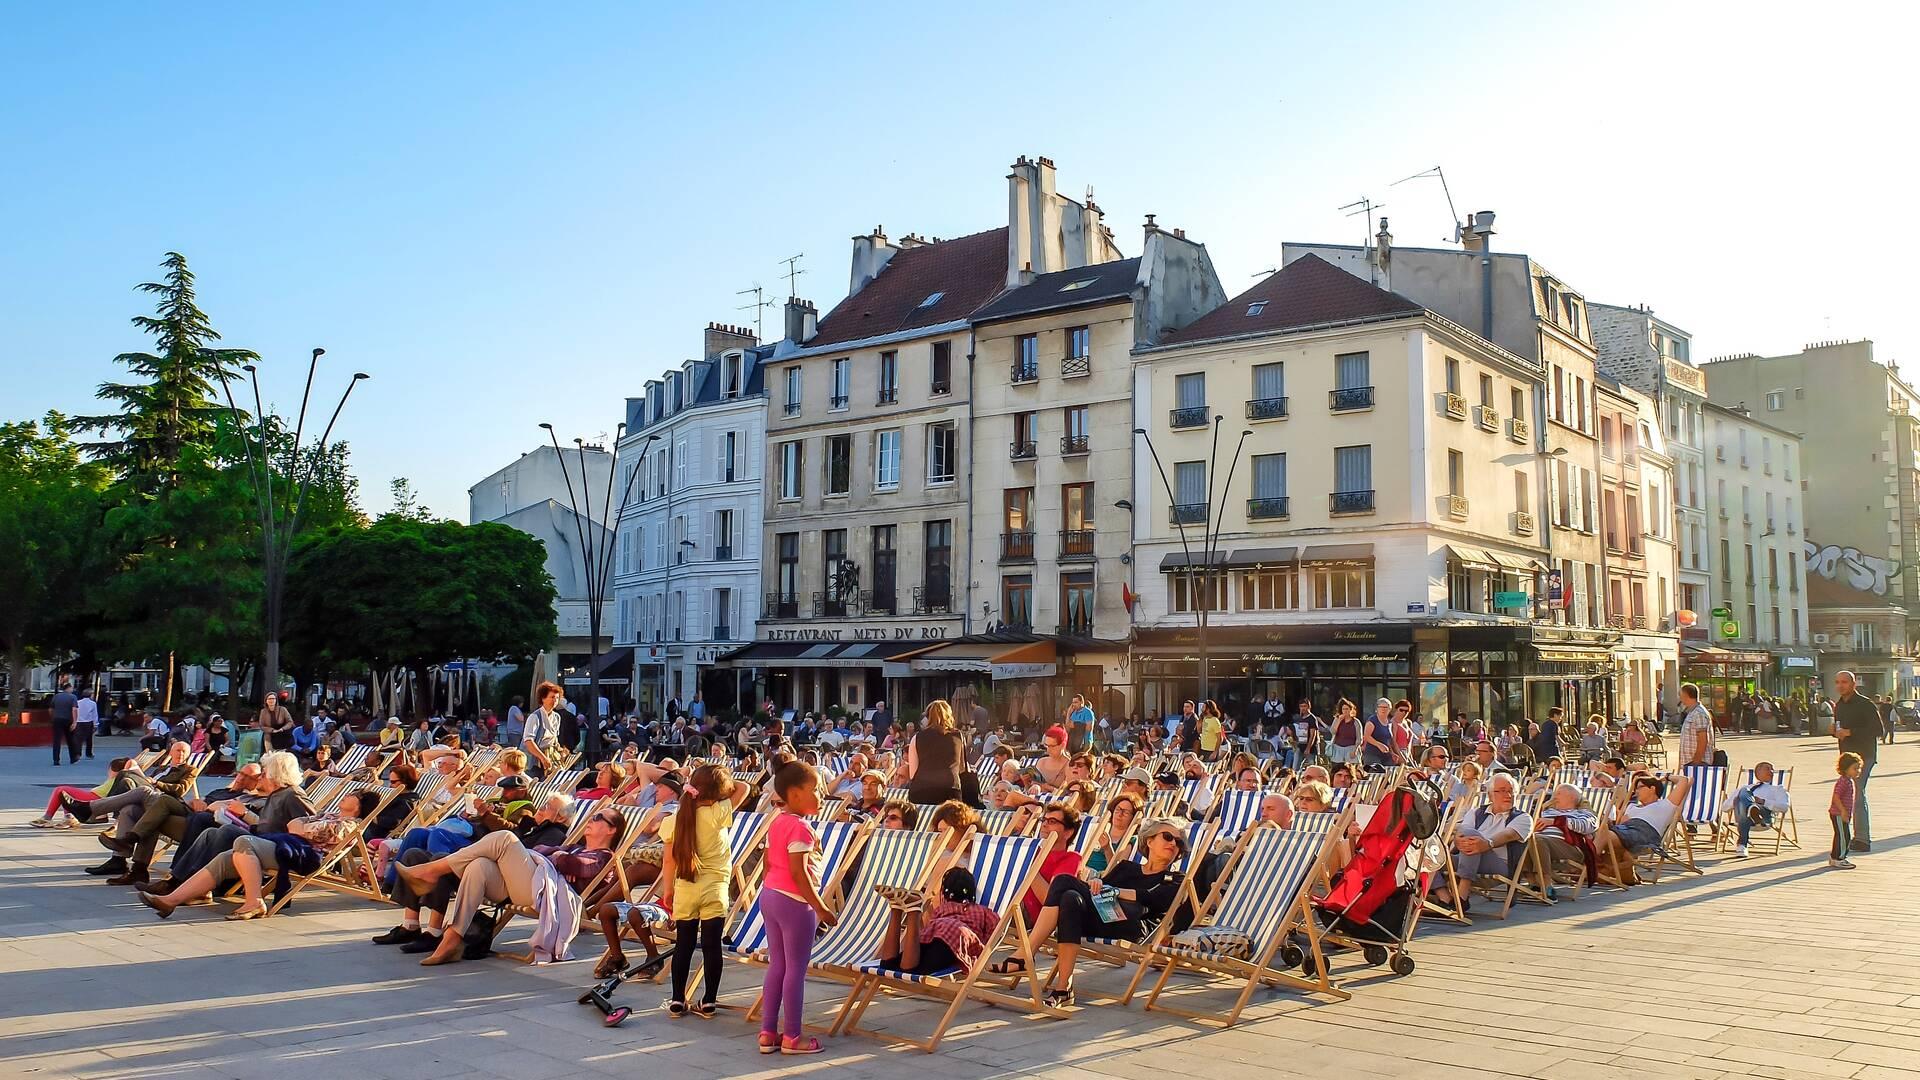 festival-saint-denis-tourisme-seine-saint-denis-plaine-commune-grand-paris